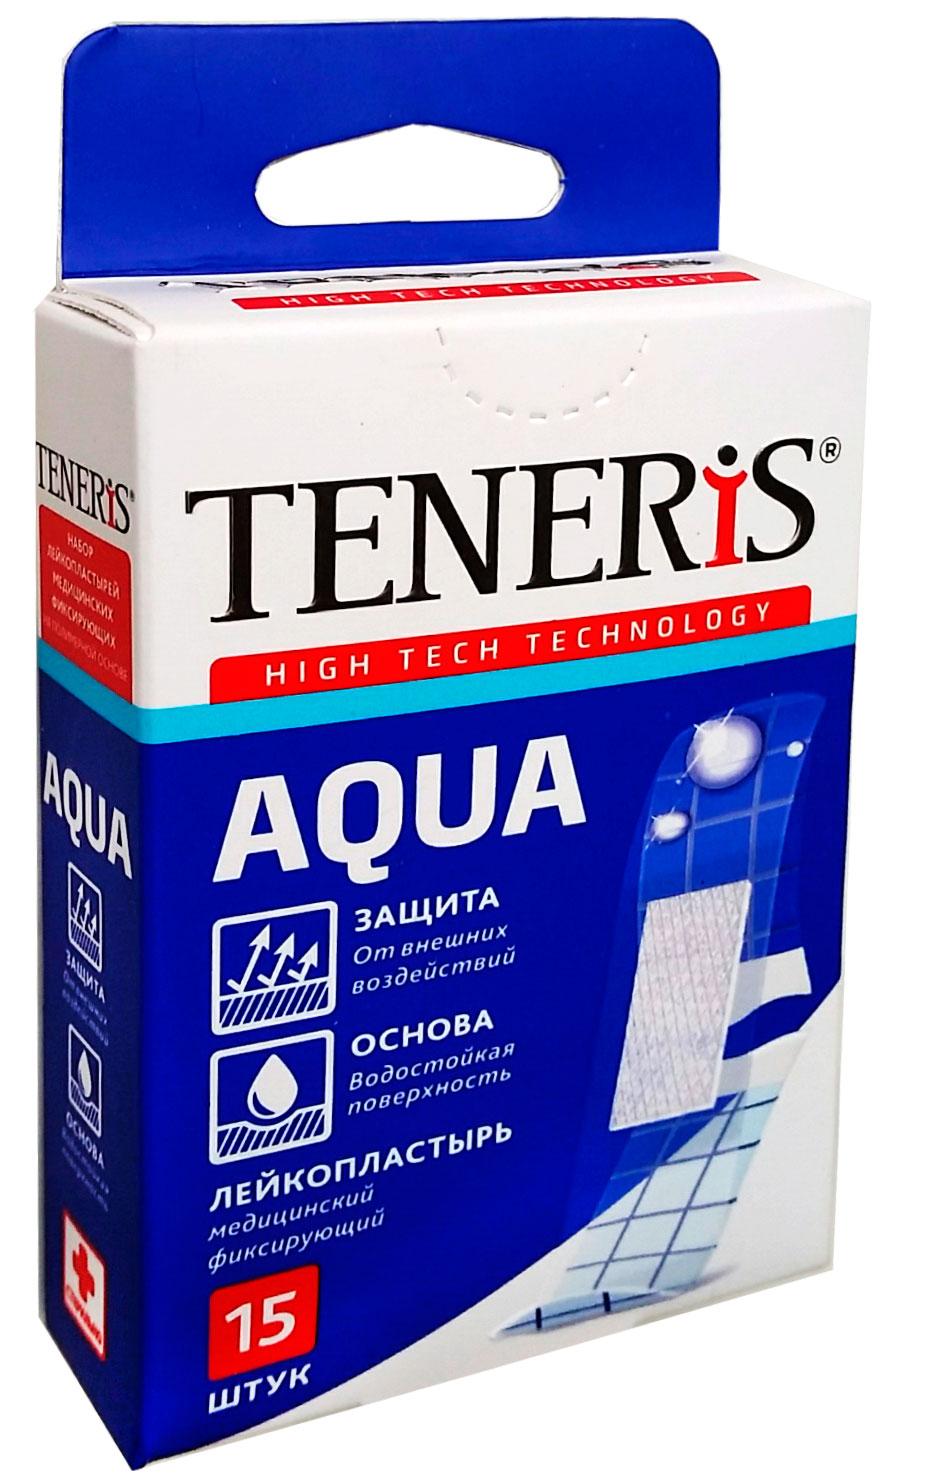 Набор лейкопластырей Тенерис Аква: 15 шт, 76 мм х19 мм